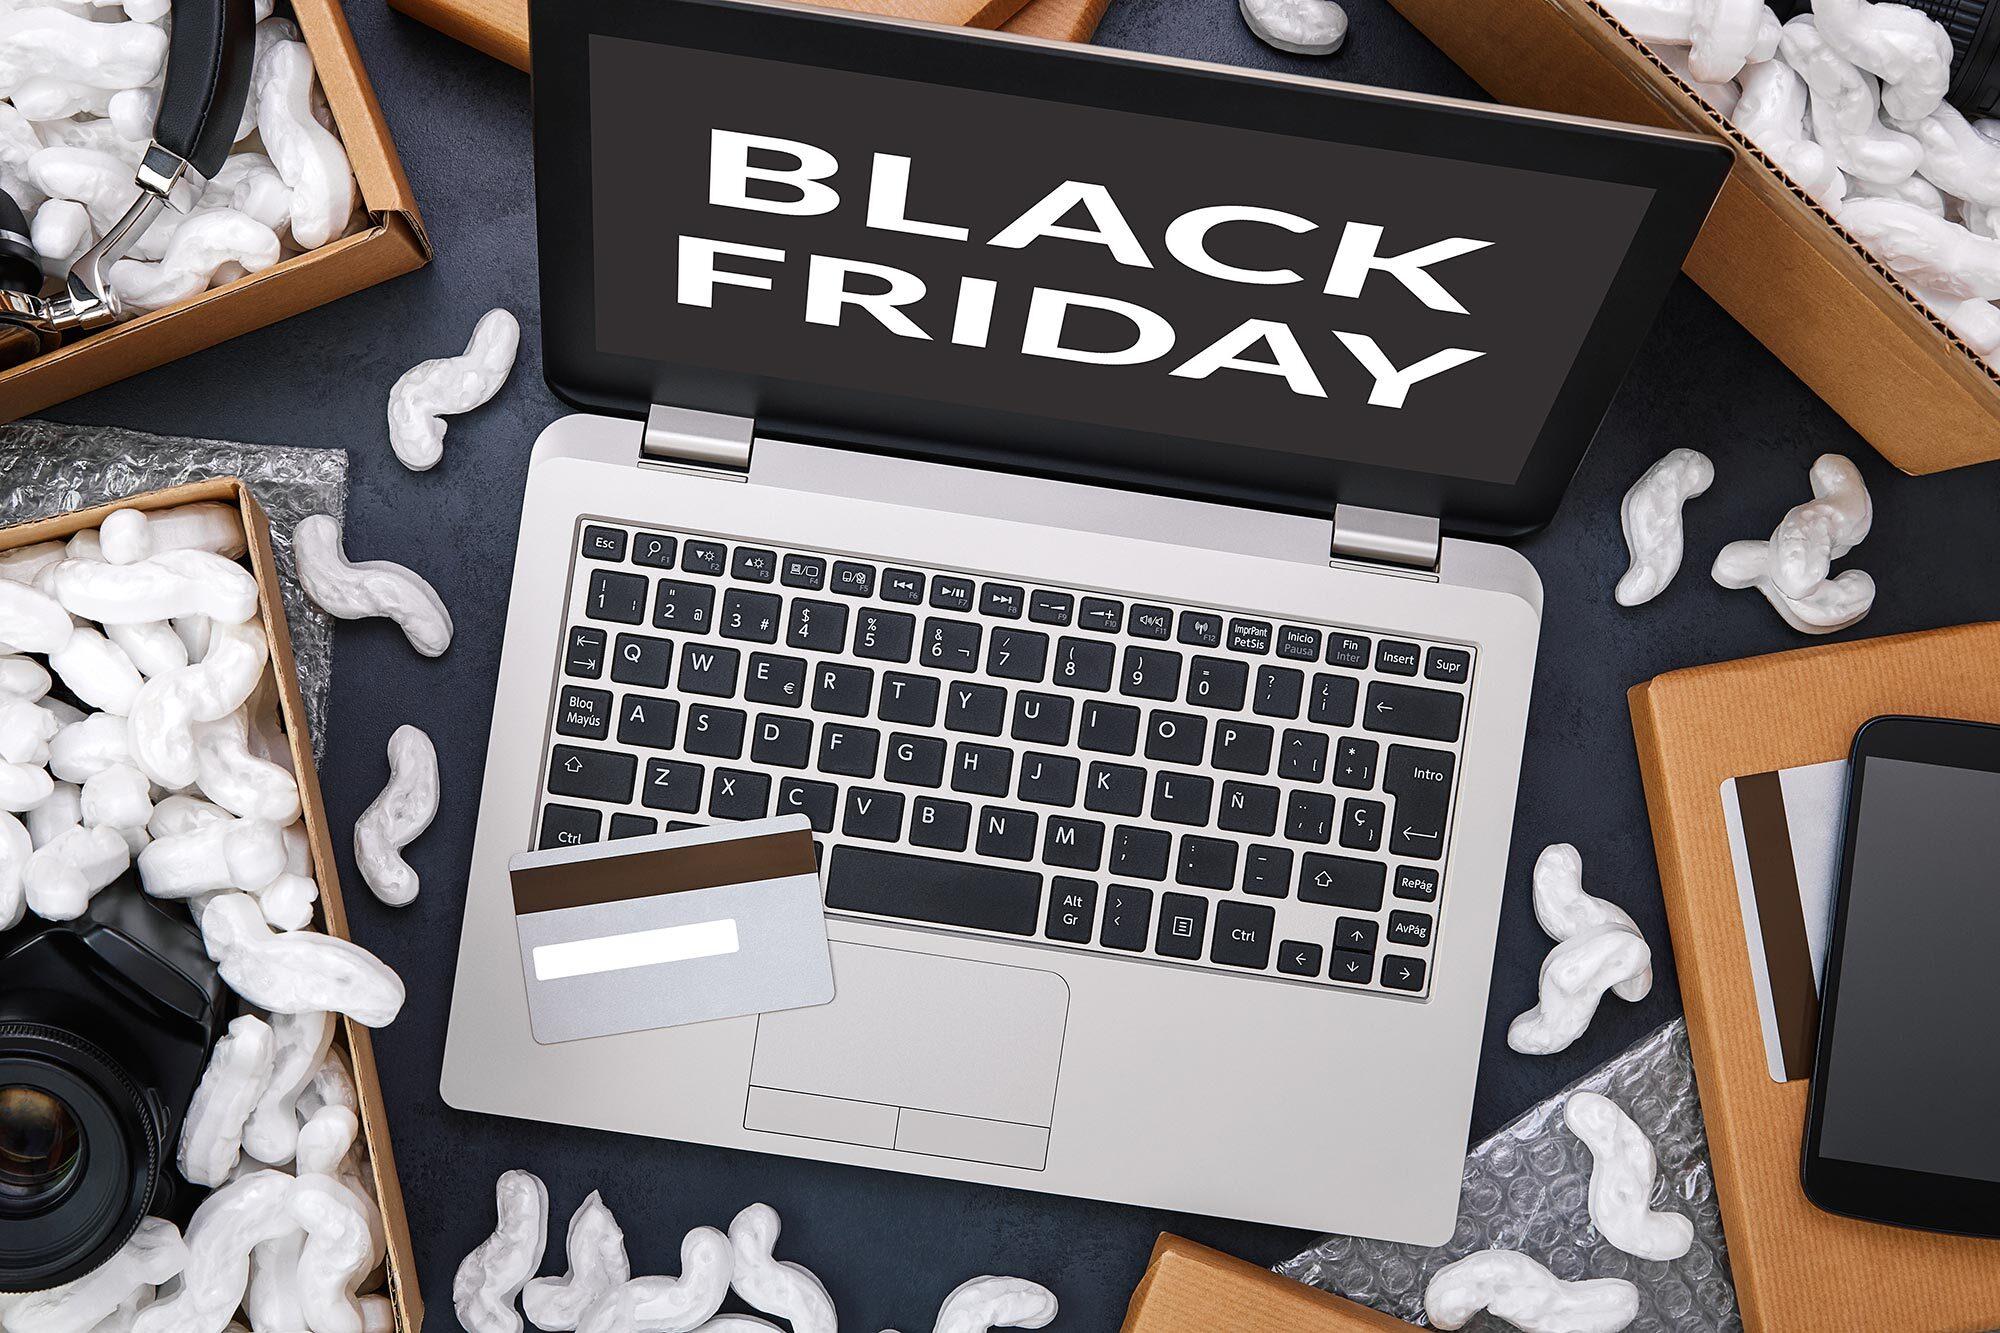 Black Friday eCommerce